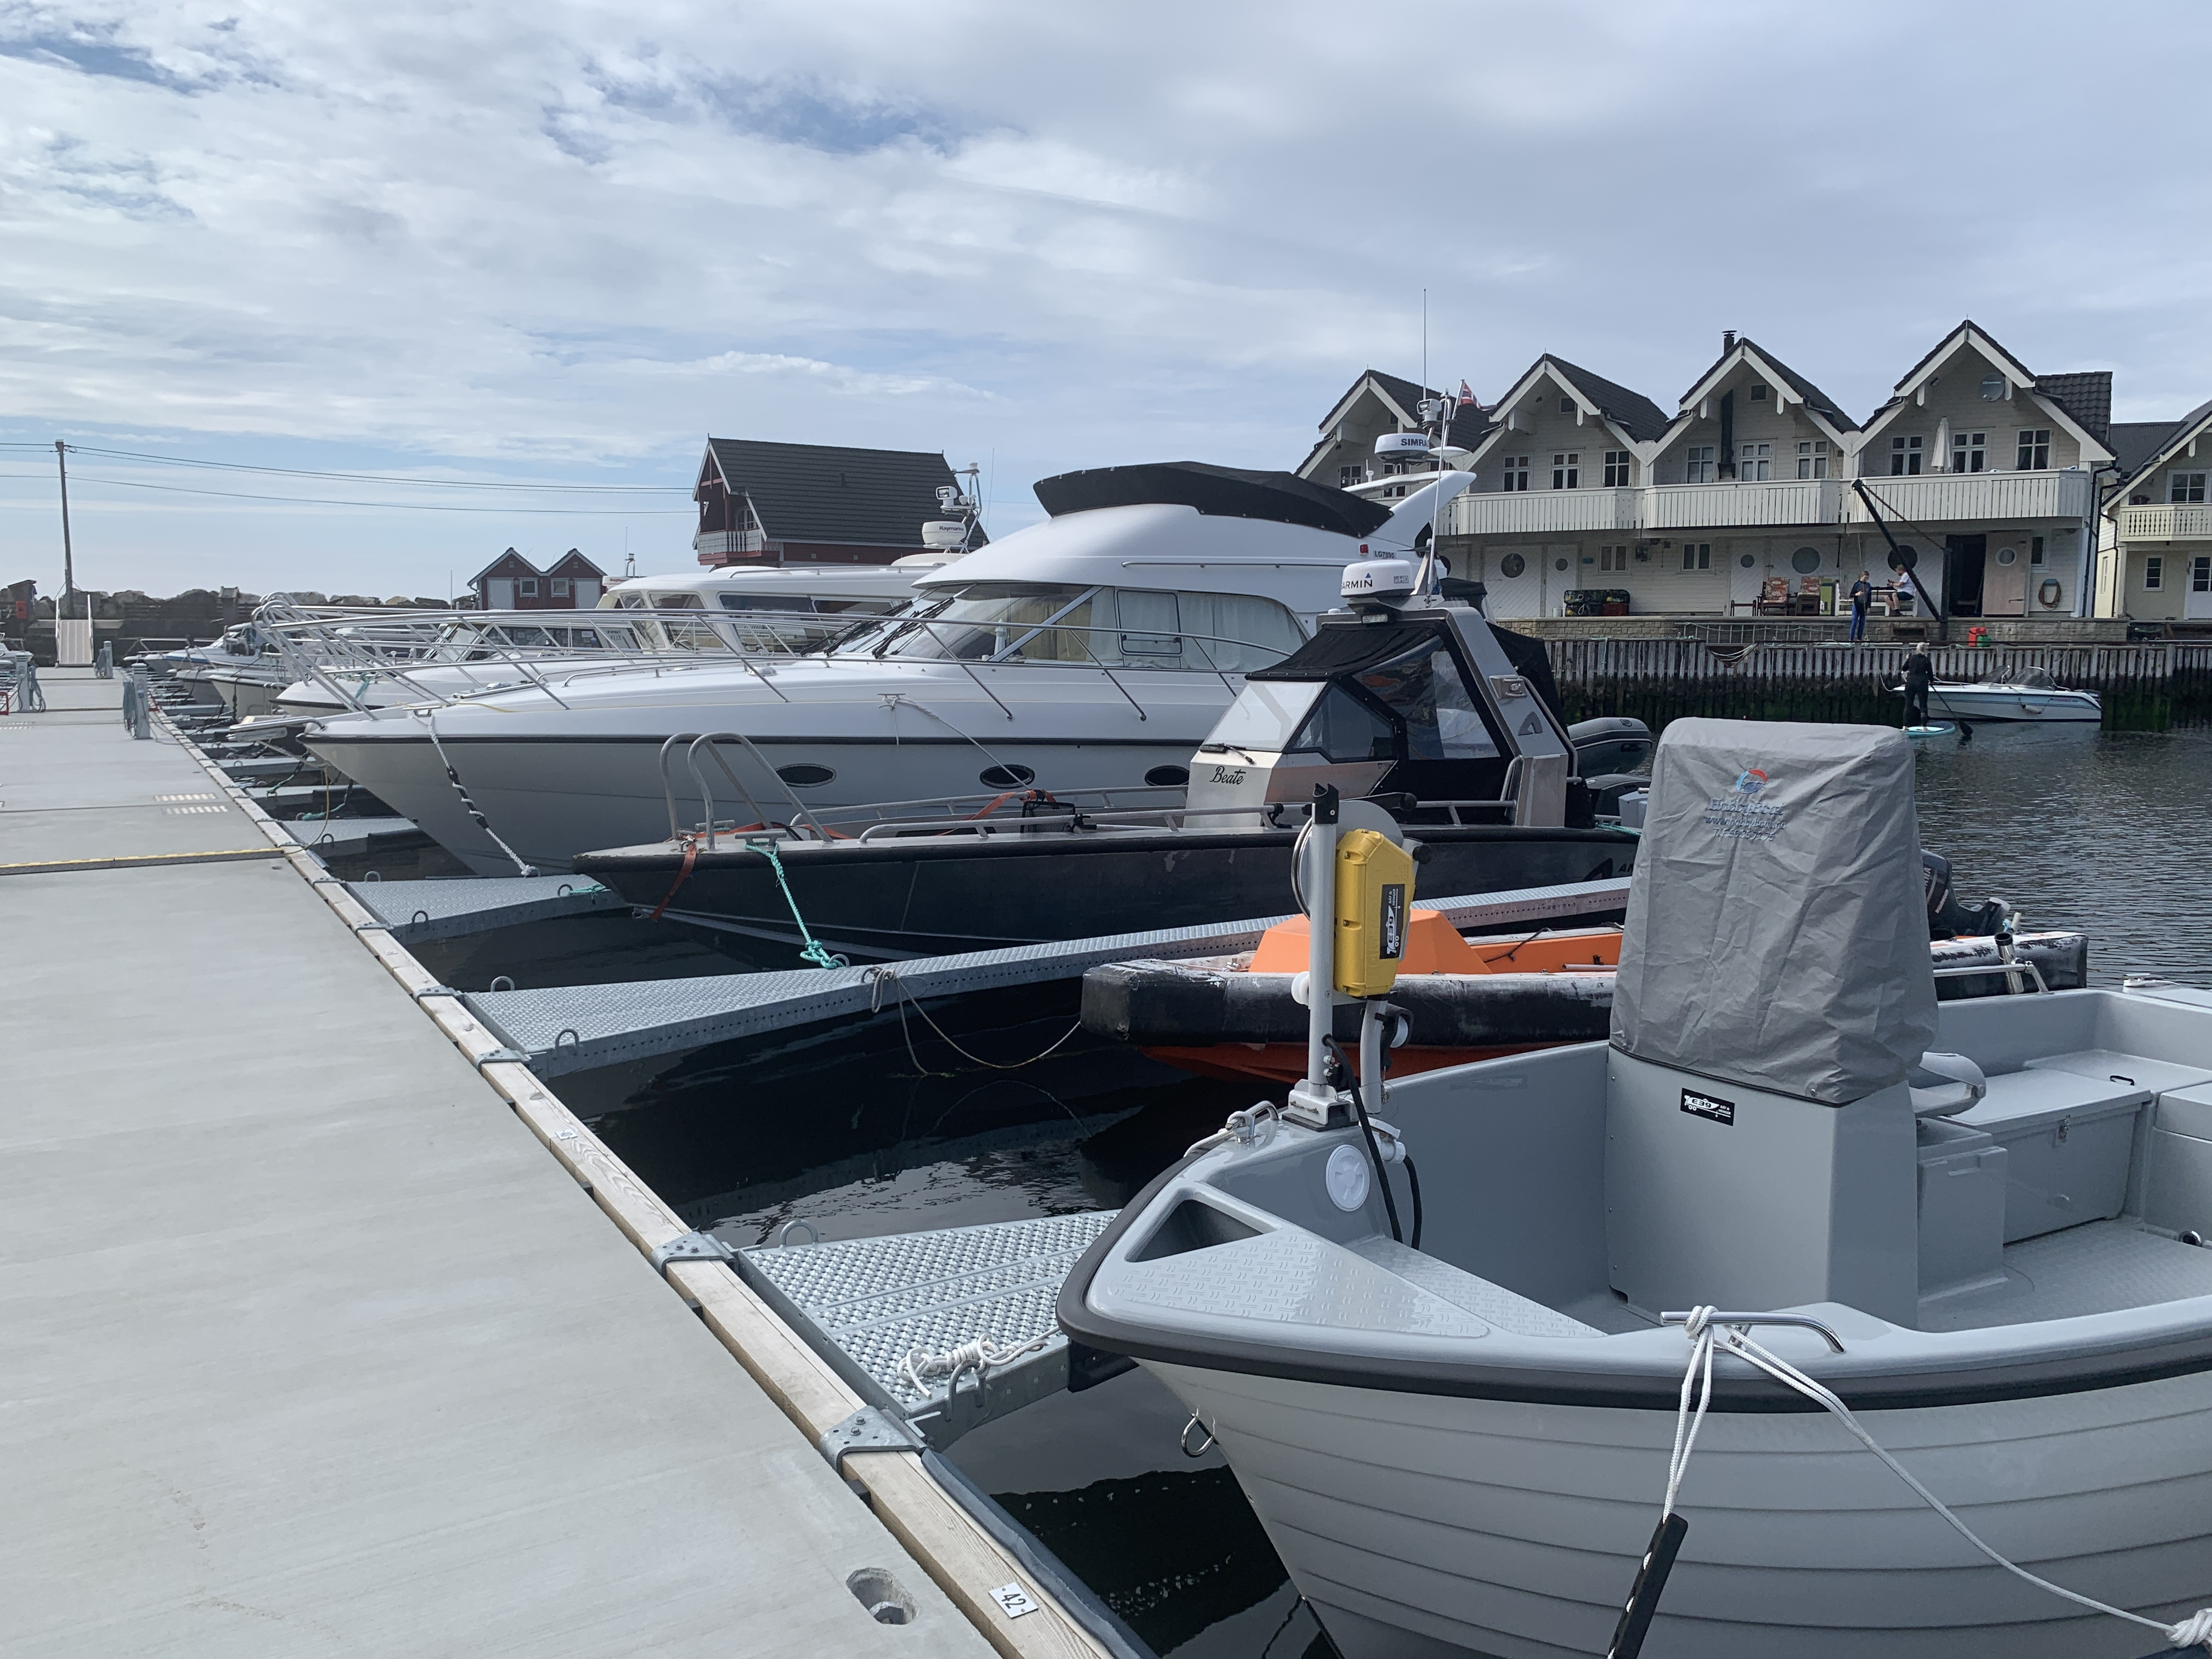 https://marinasolutions.no/uploads/Rabben-båtlag_-Marina-levert-av-Marina-Solutions_Etnebrygga-8.JPG